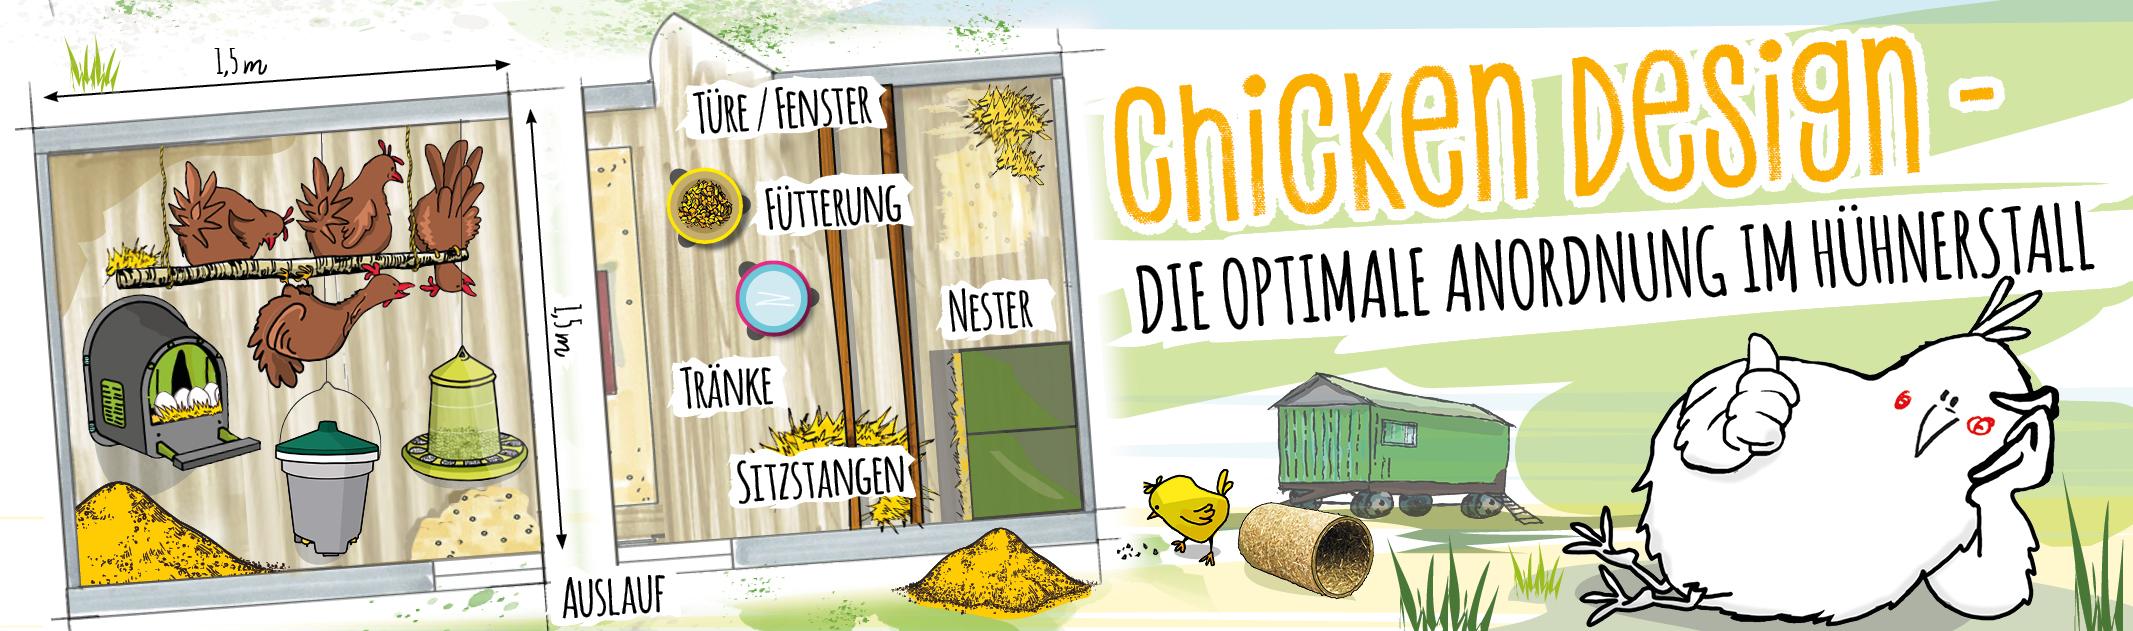 Die optimale Anordnung im Hühnerstall